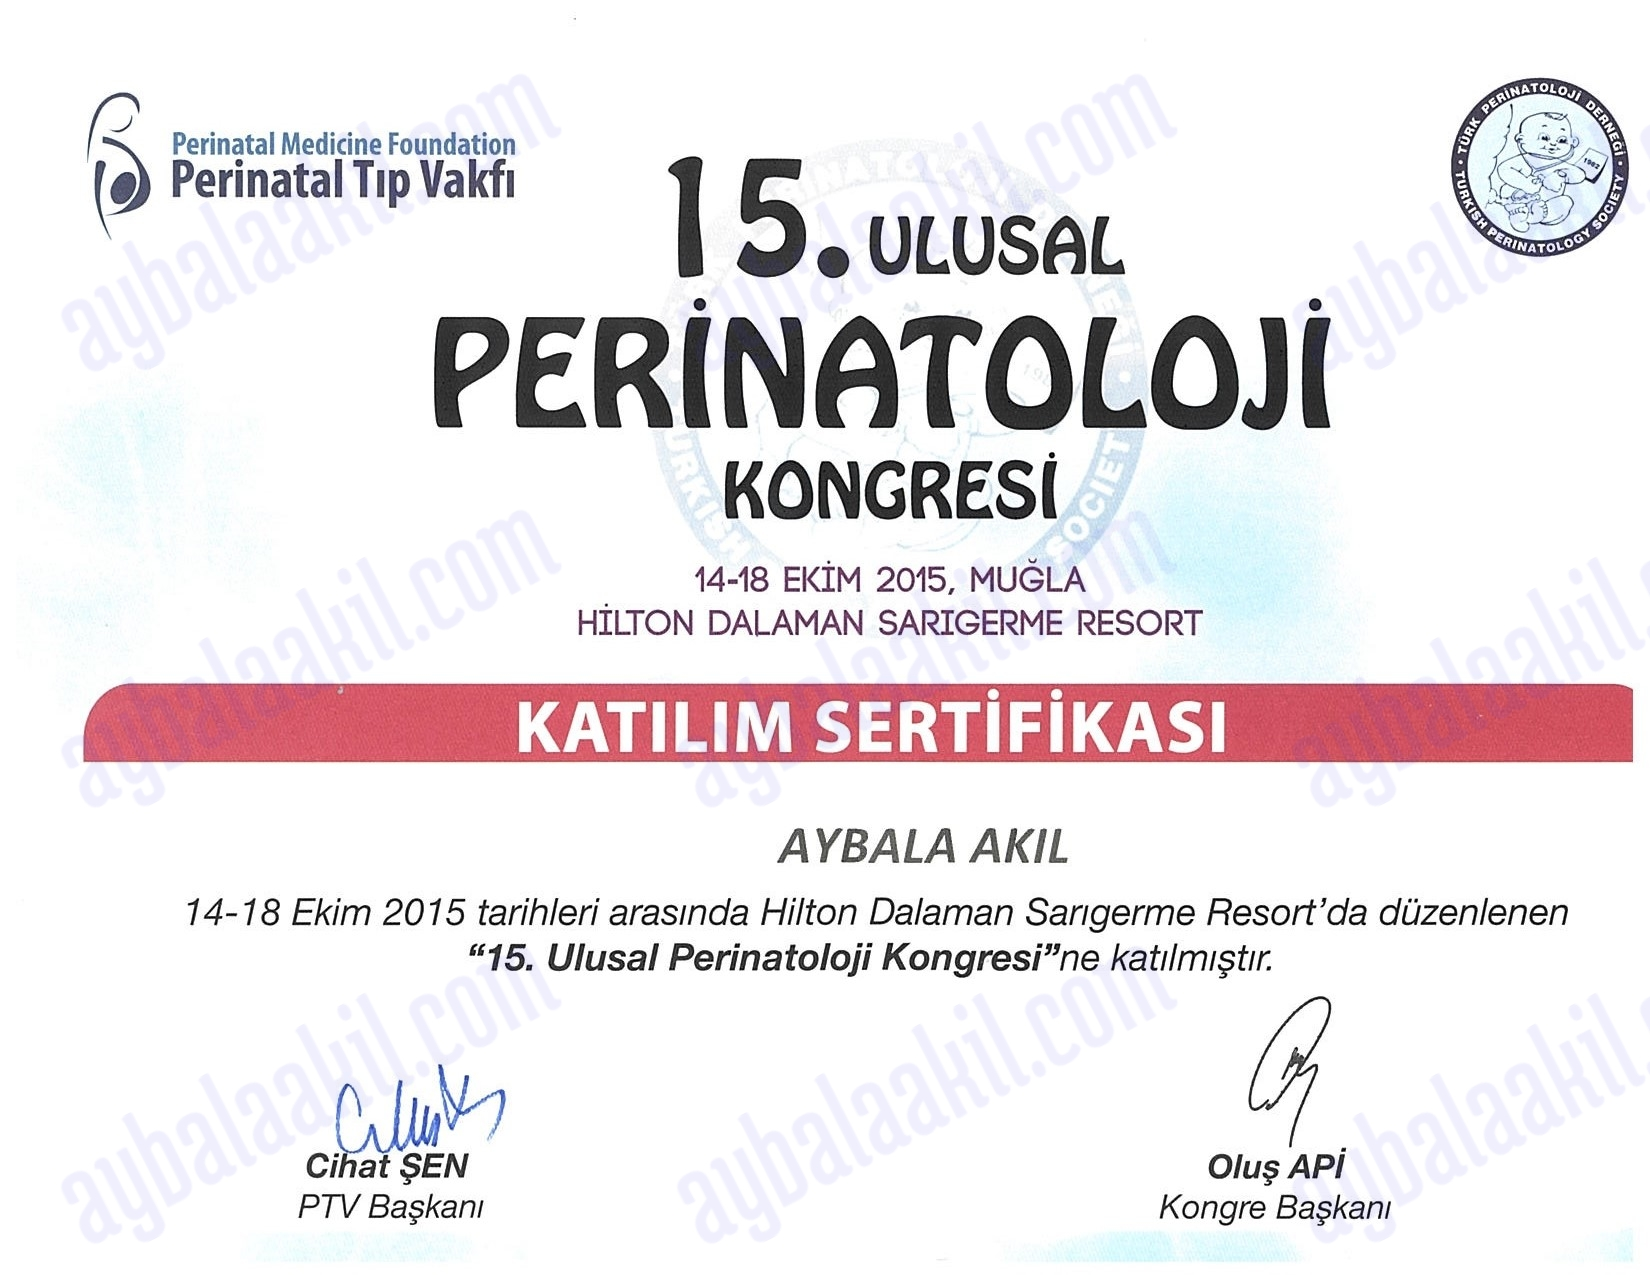 15. Ulusal Perinatoloji Kongresi gerçekleşti…